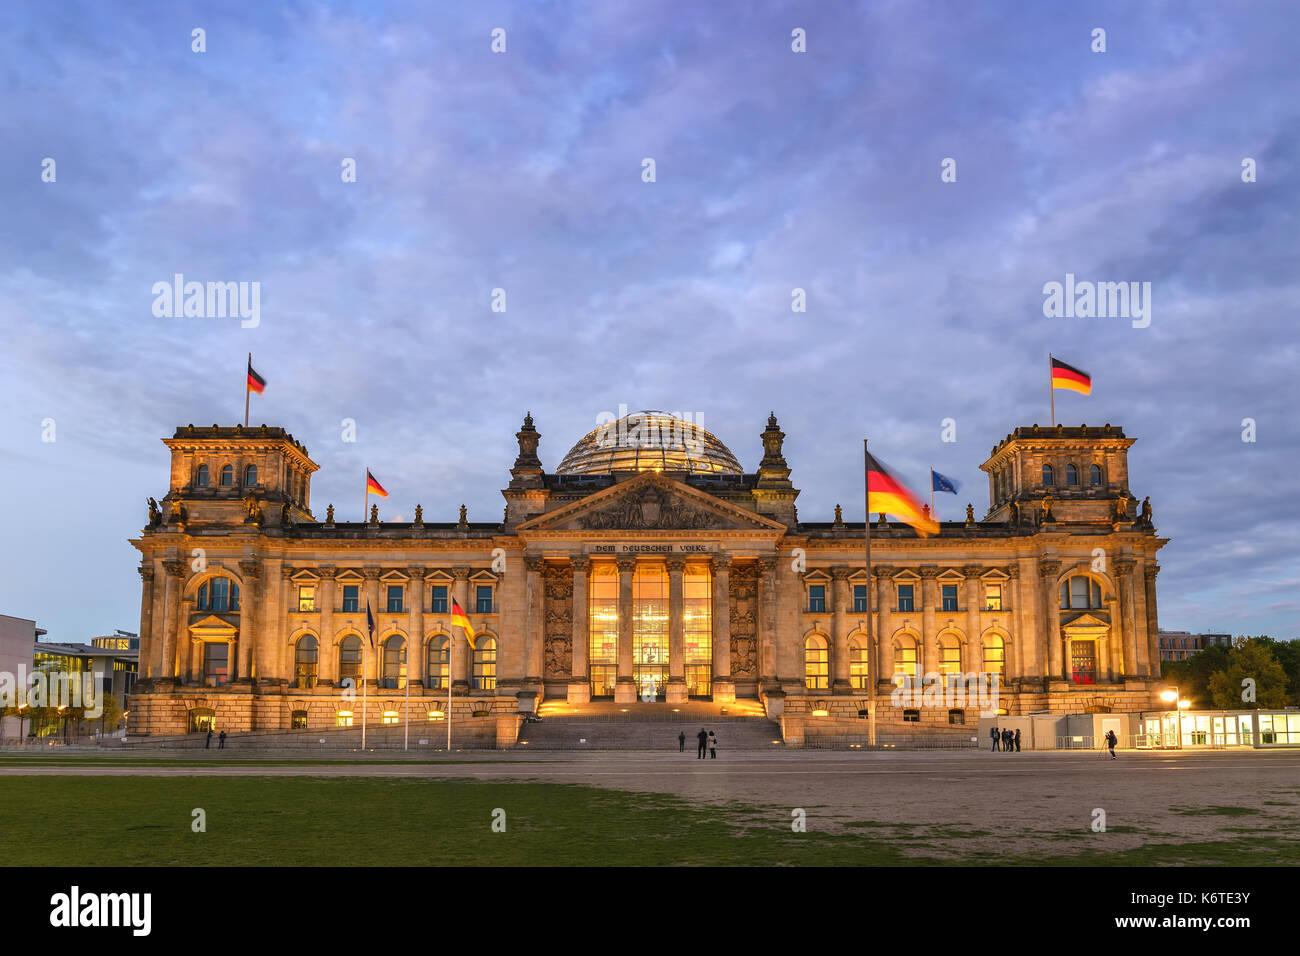 Nuit sur la ville de Berlin au Reichstag (Bundestag), Berlin, Allemagne Photo Stock